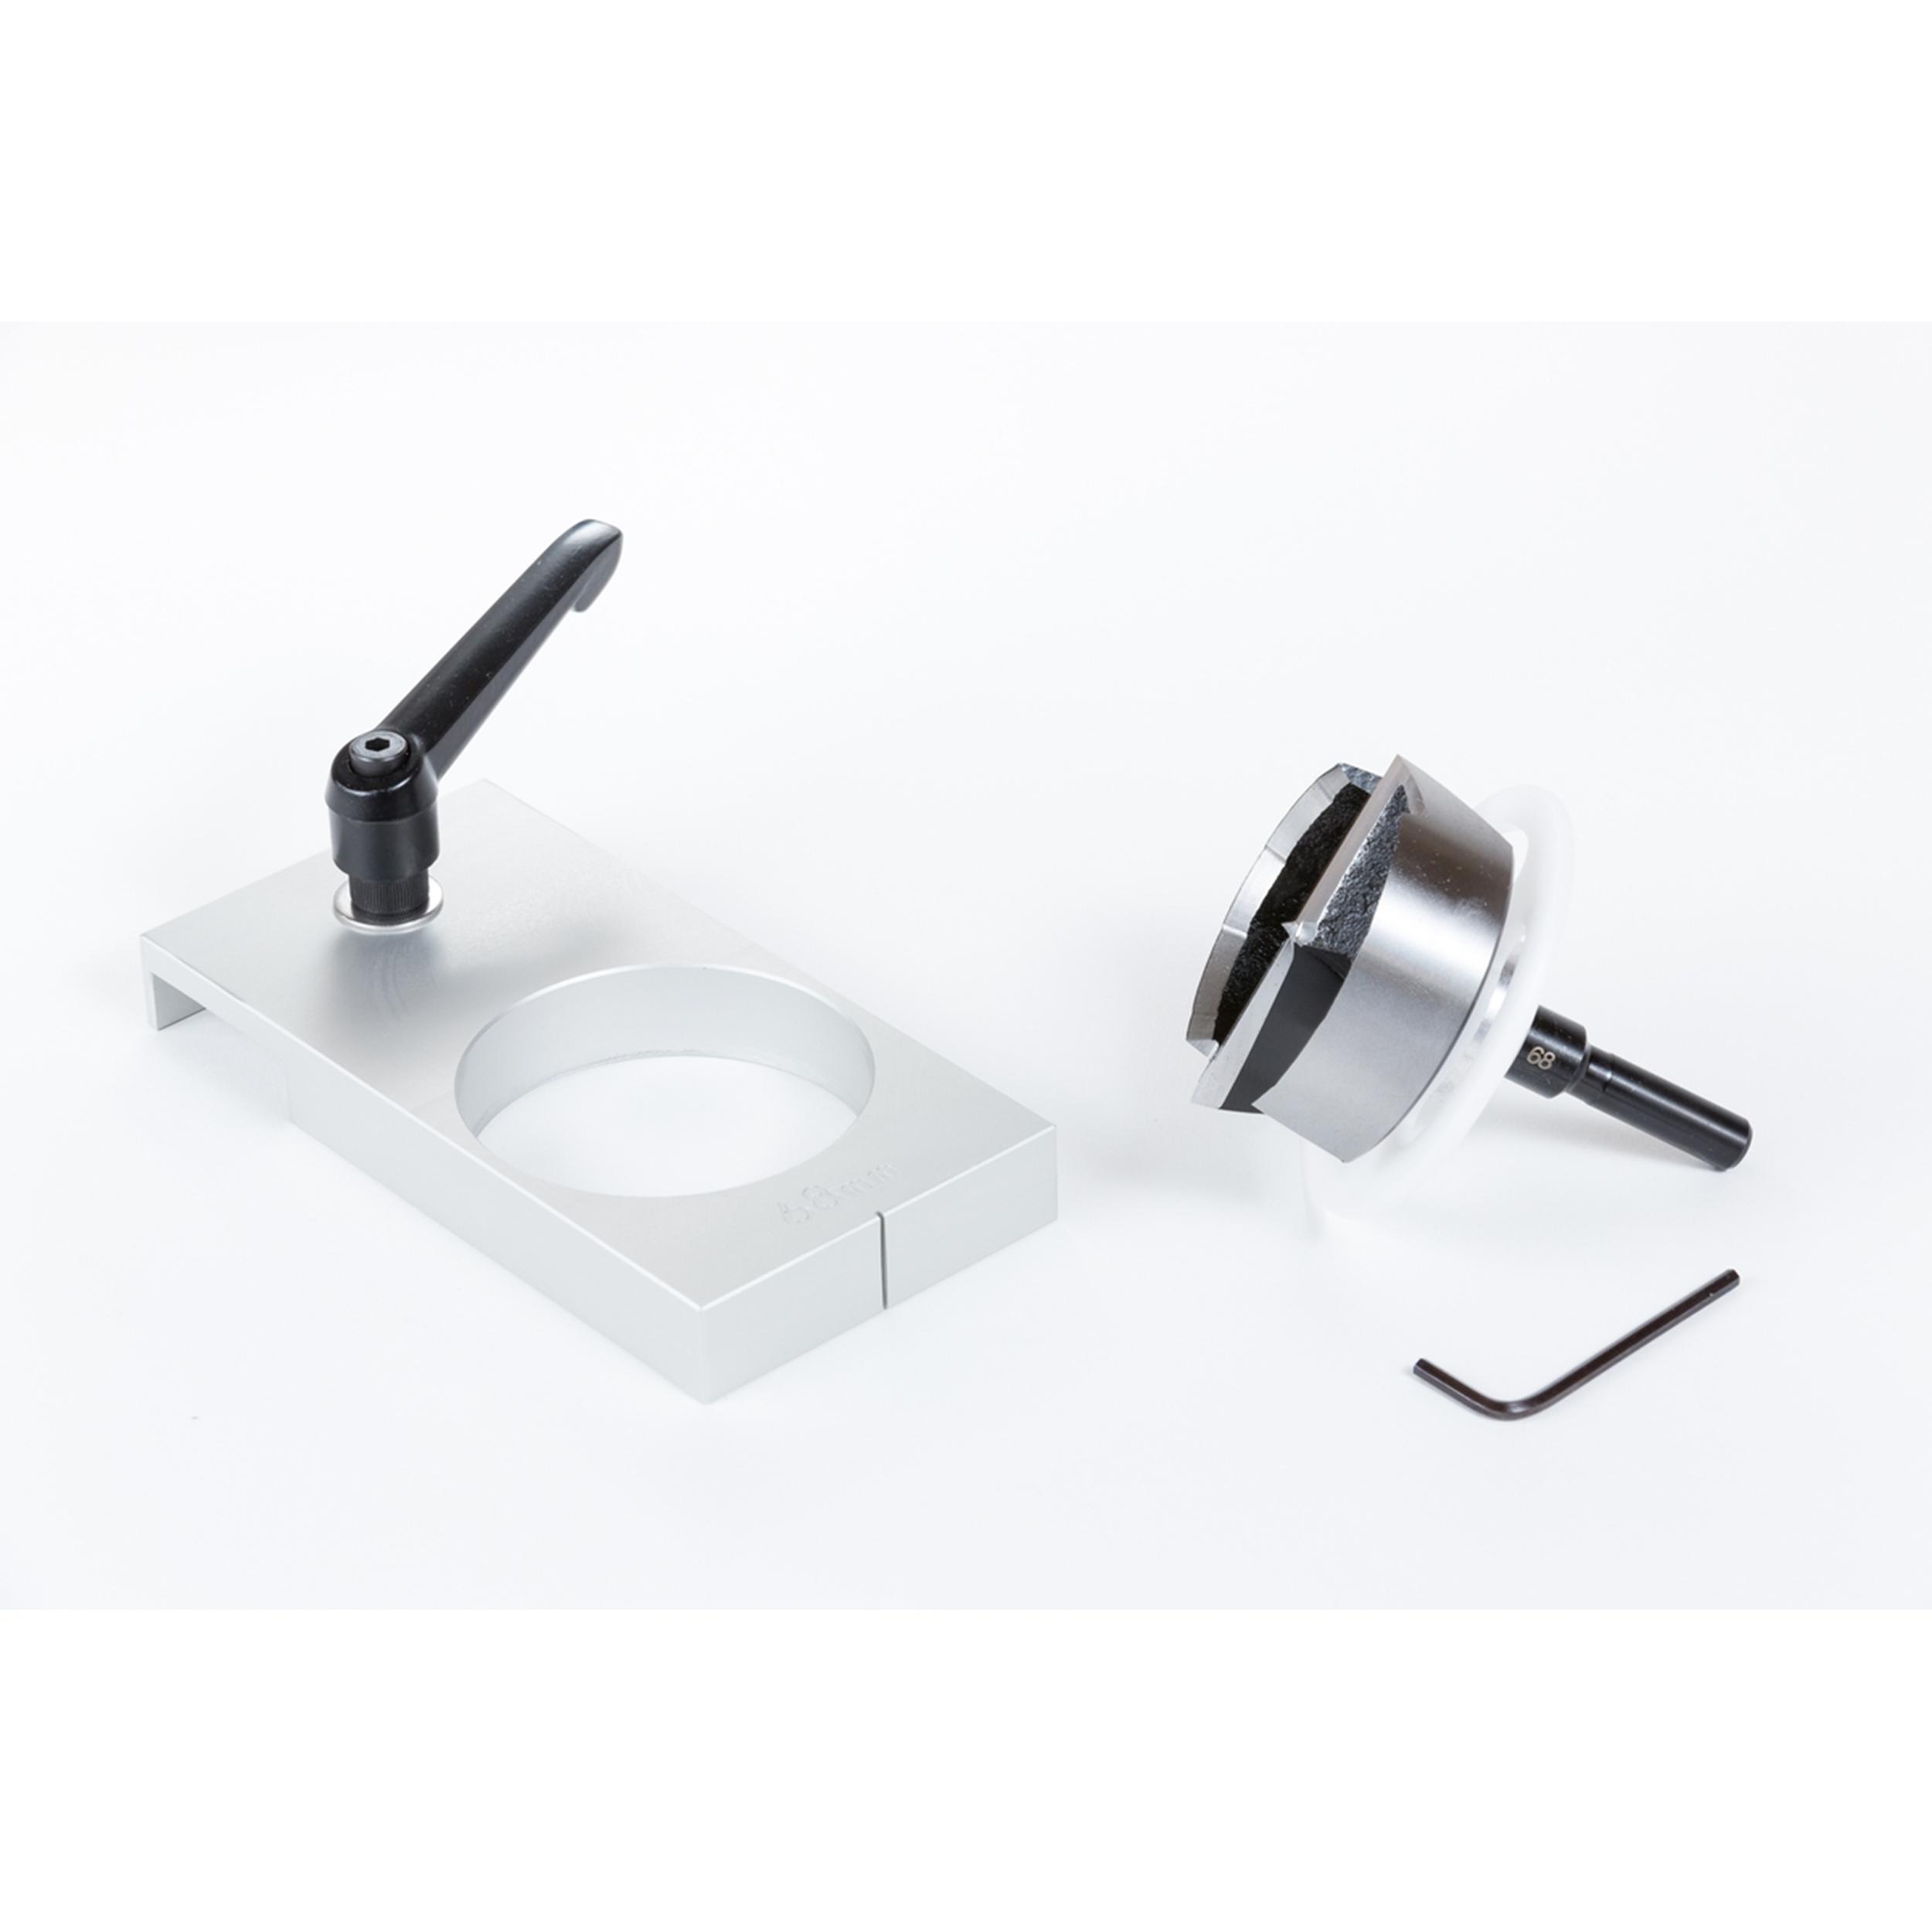 Optional Forstner Bit / Guide Assembly 68mm